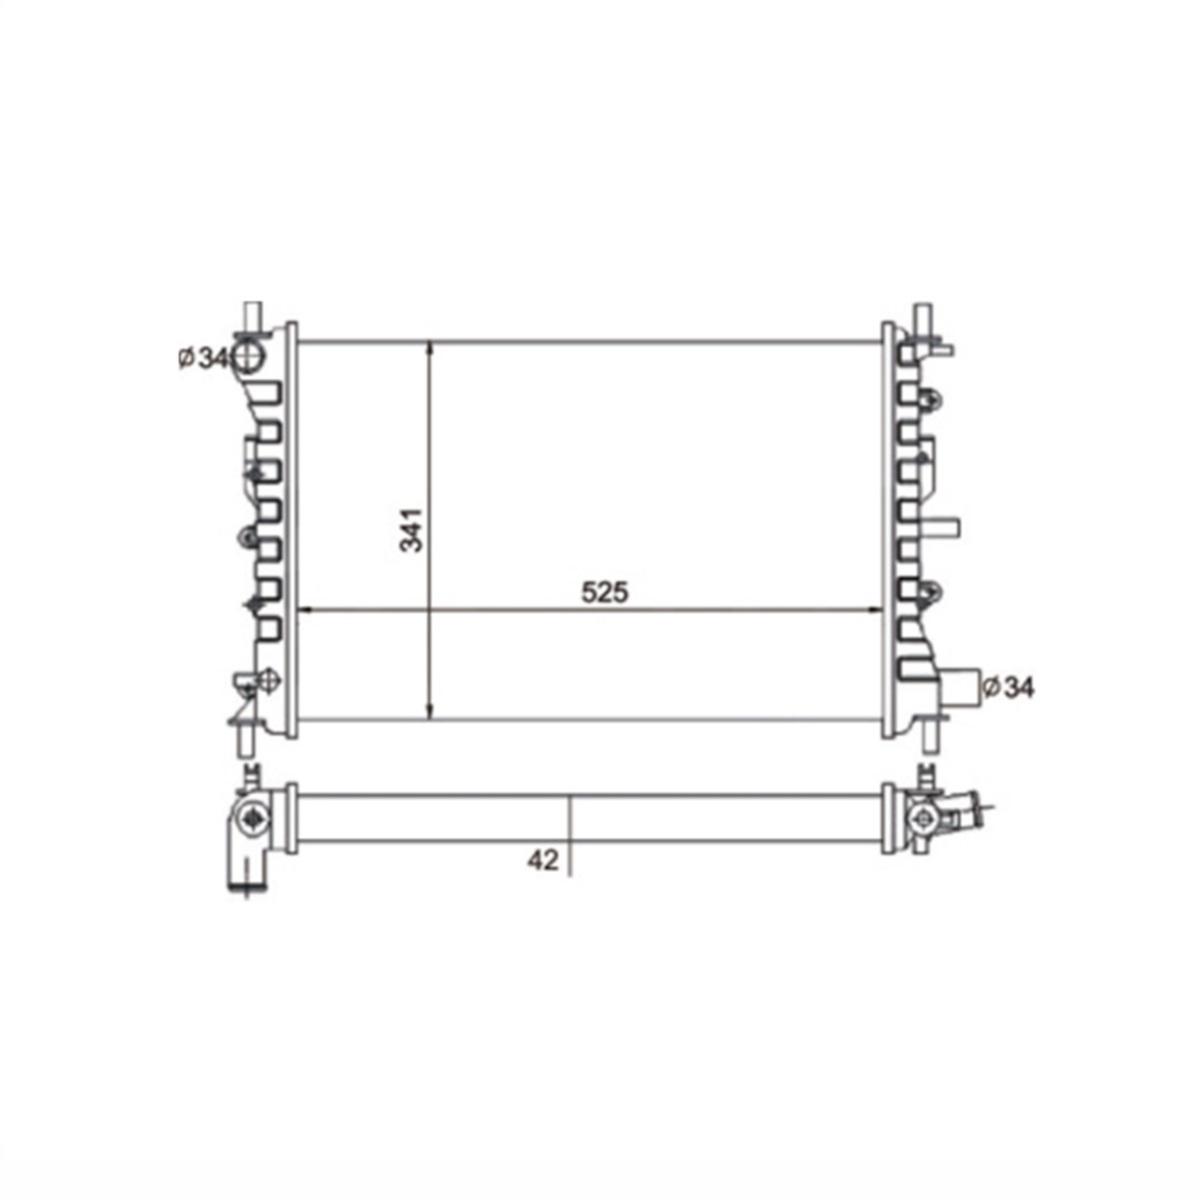 Radiador Escort Logus Pointer Com Ar / Sem Ar Manual 1993 a 1996